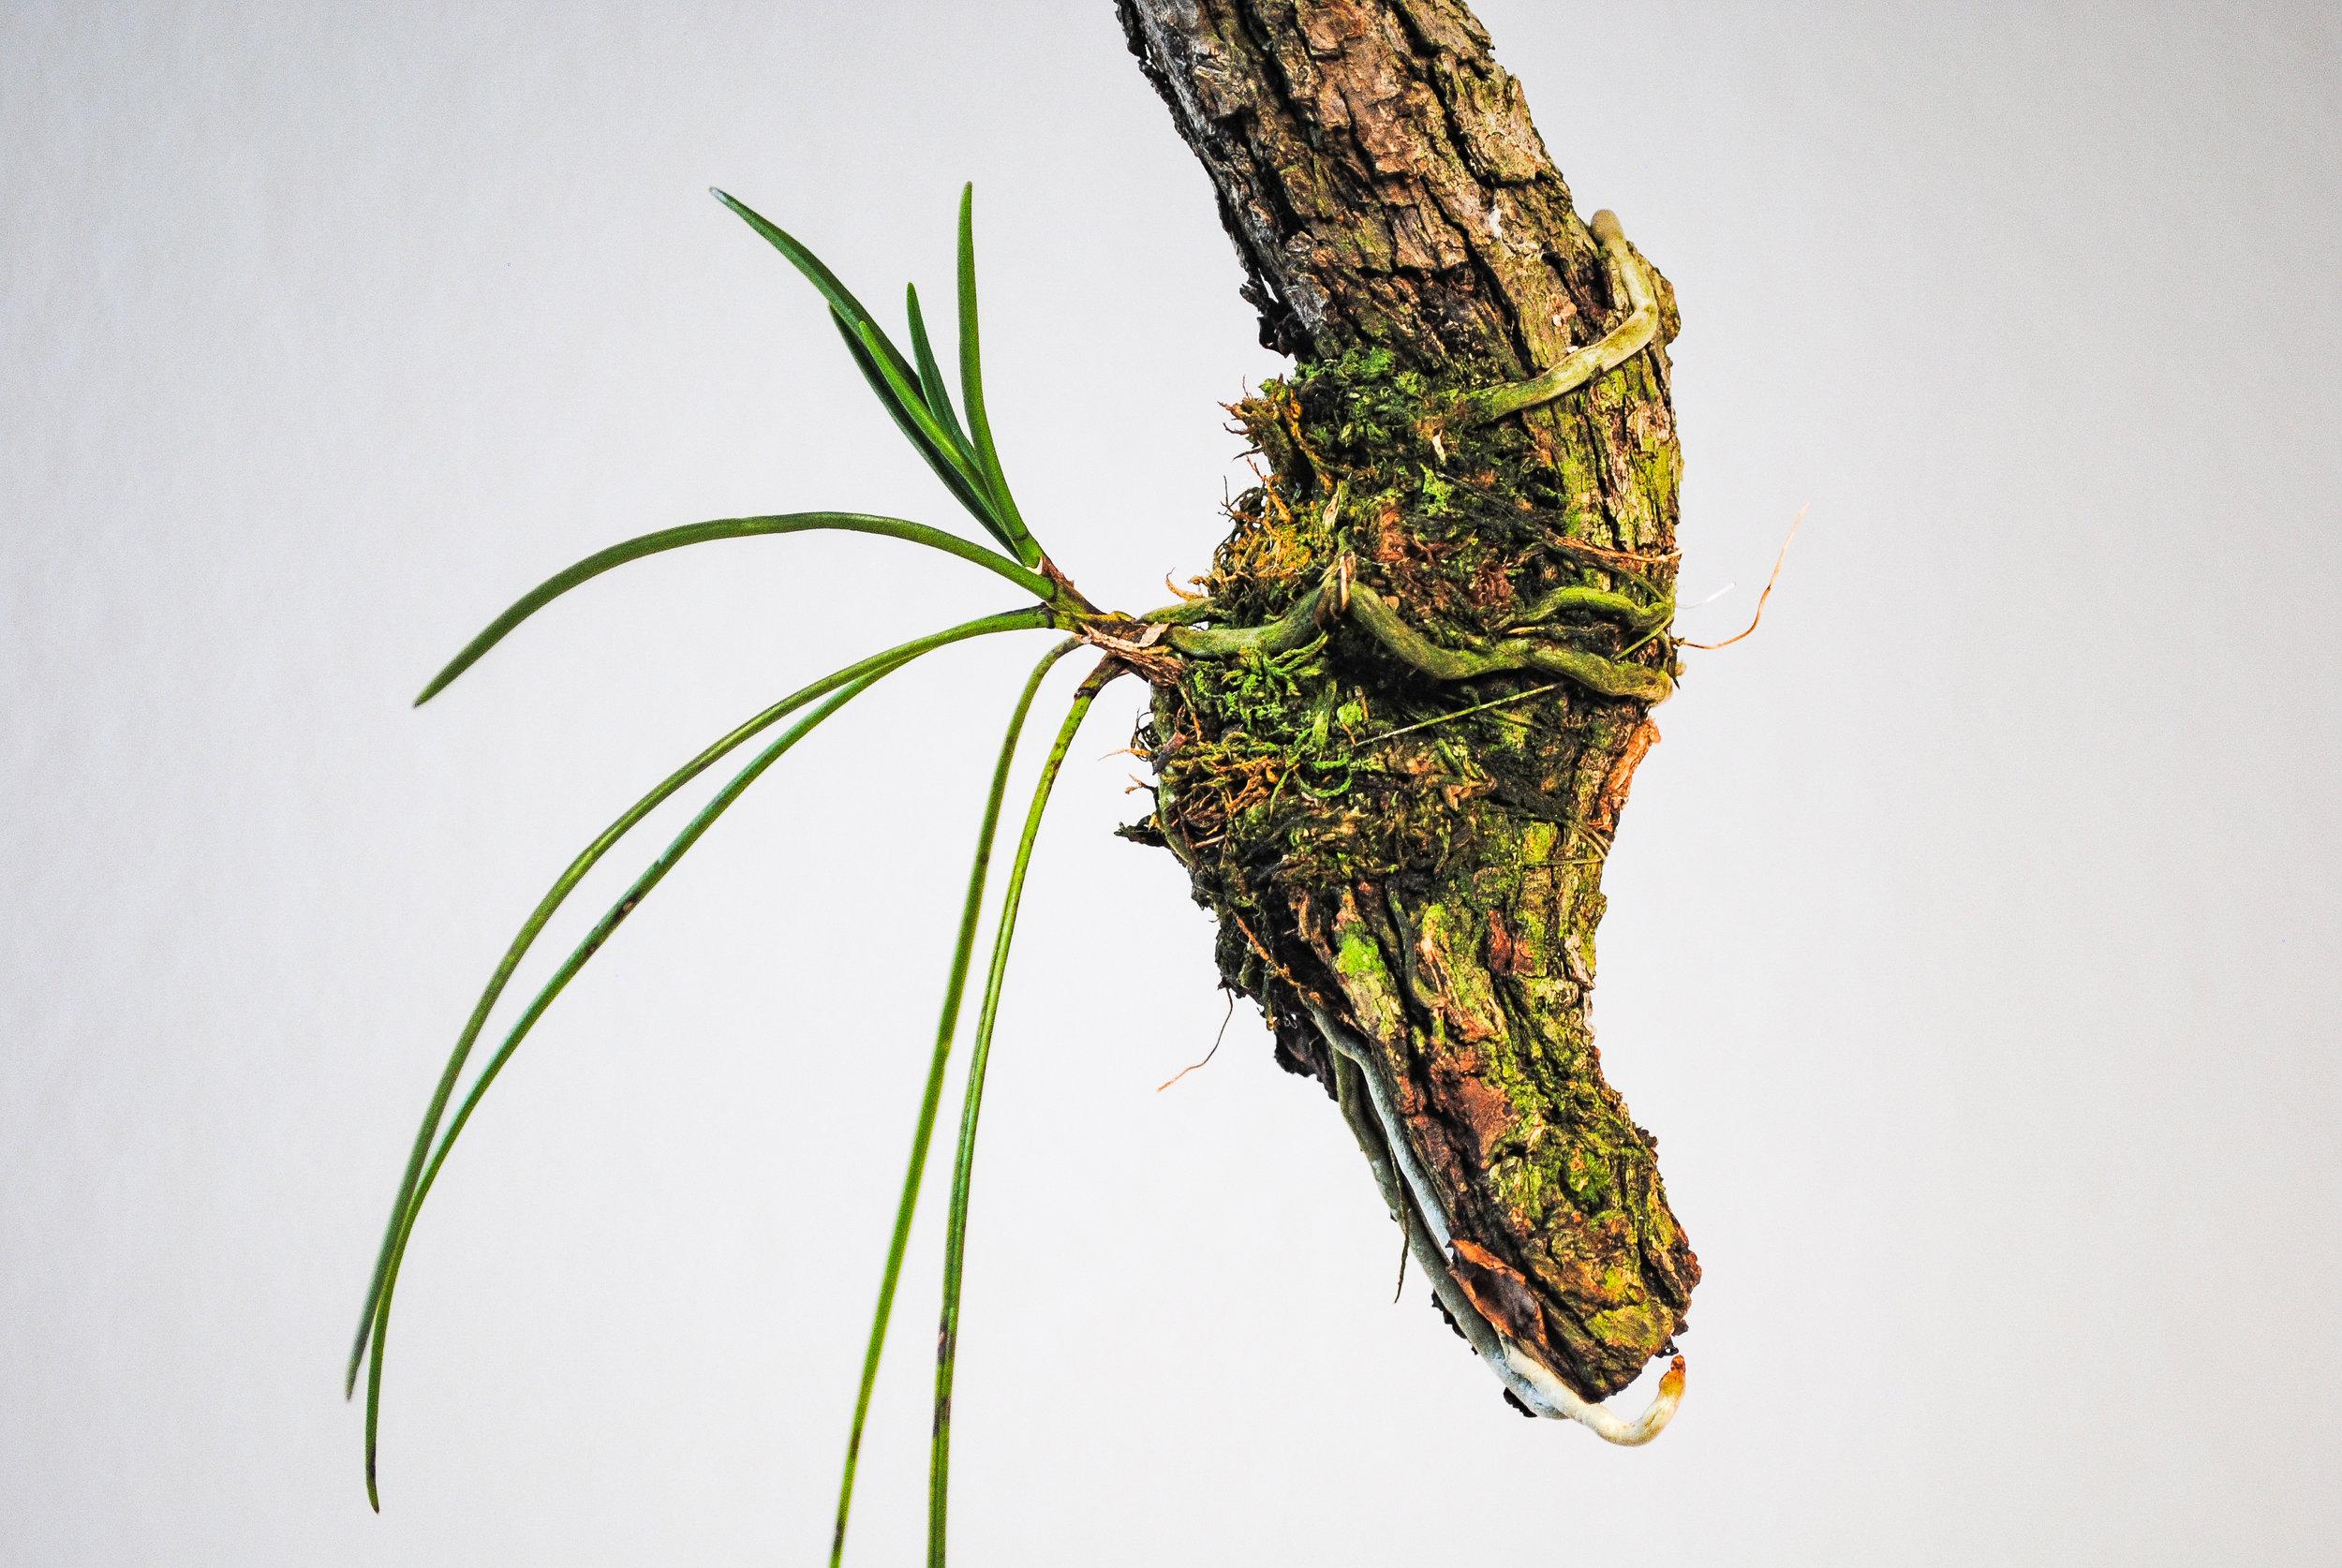 Holcoglossum quasipinifolium